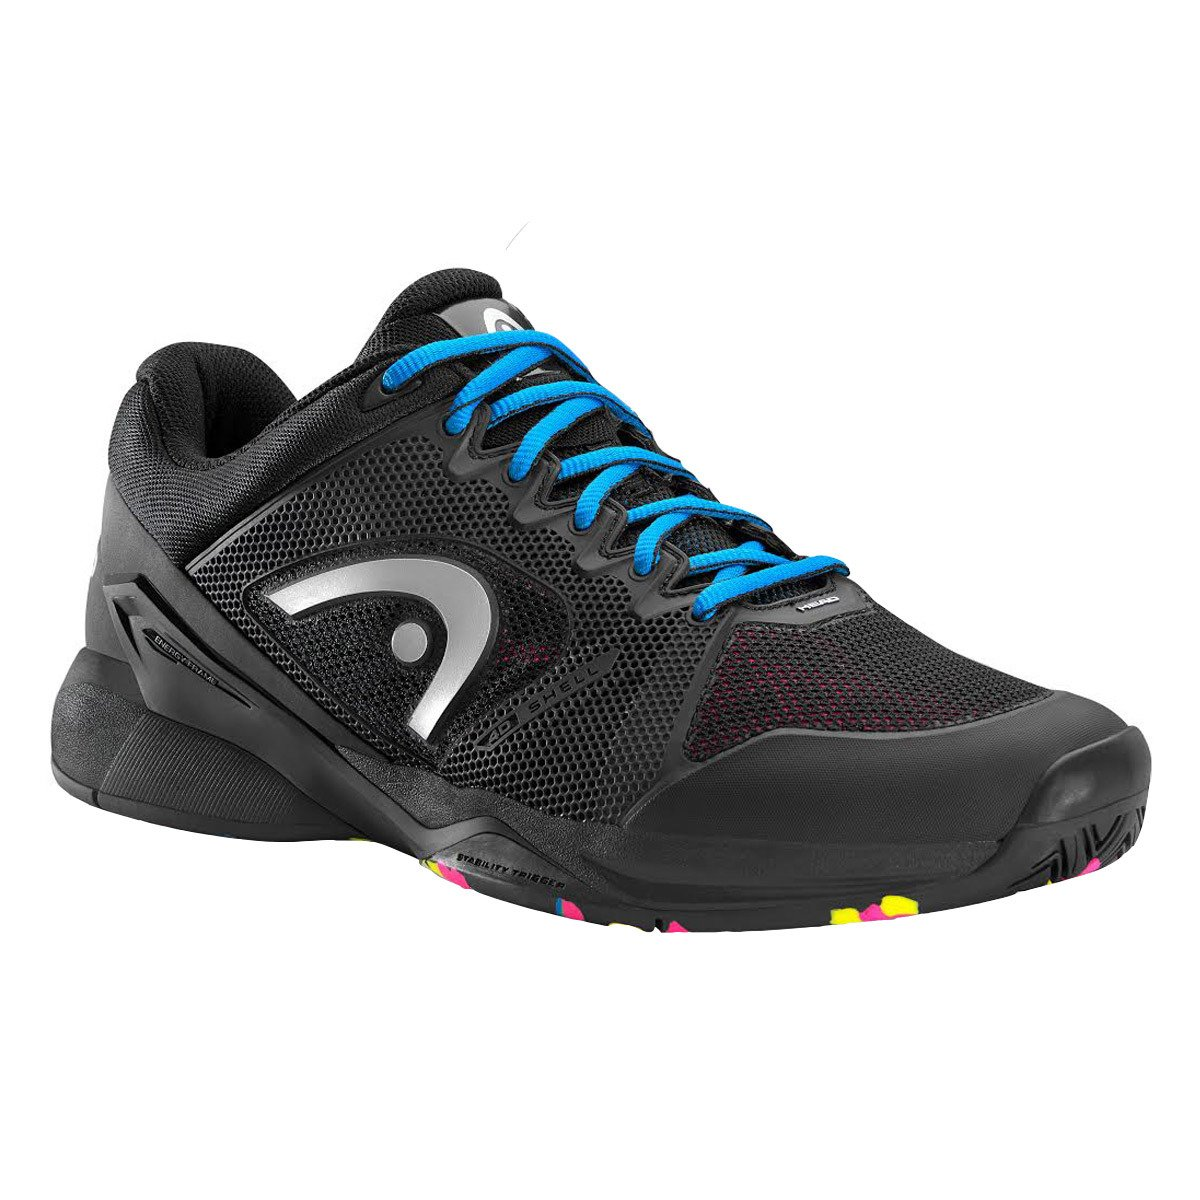 Zapatillas de Tenis/pádel de Hombre Revolt Pro 2.0 LTD Head ...